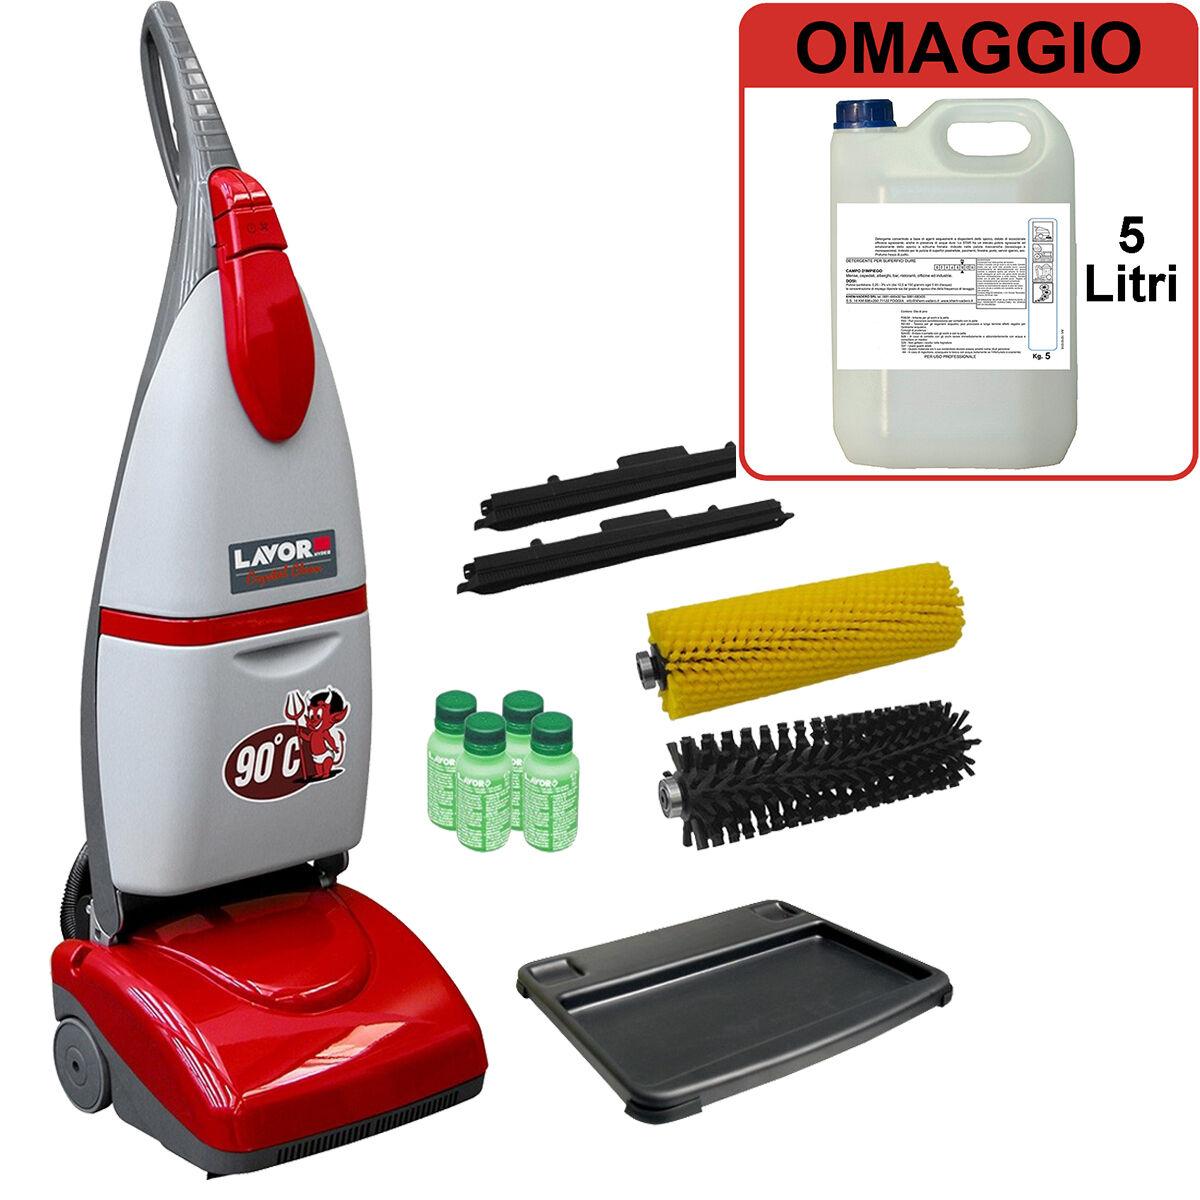 lavor pro lavasciuga e lavapavimenti lavor pro crystal clean + omaggio